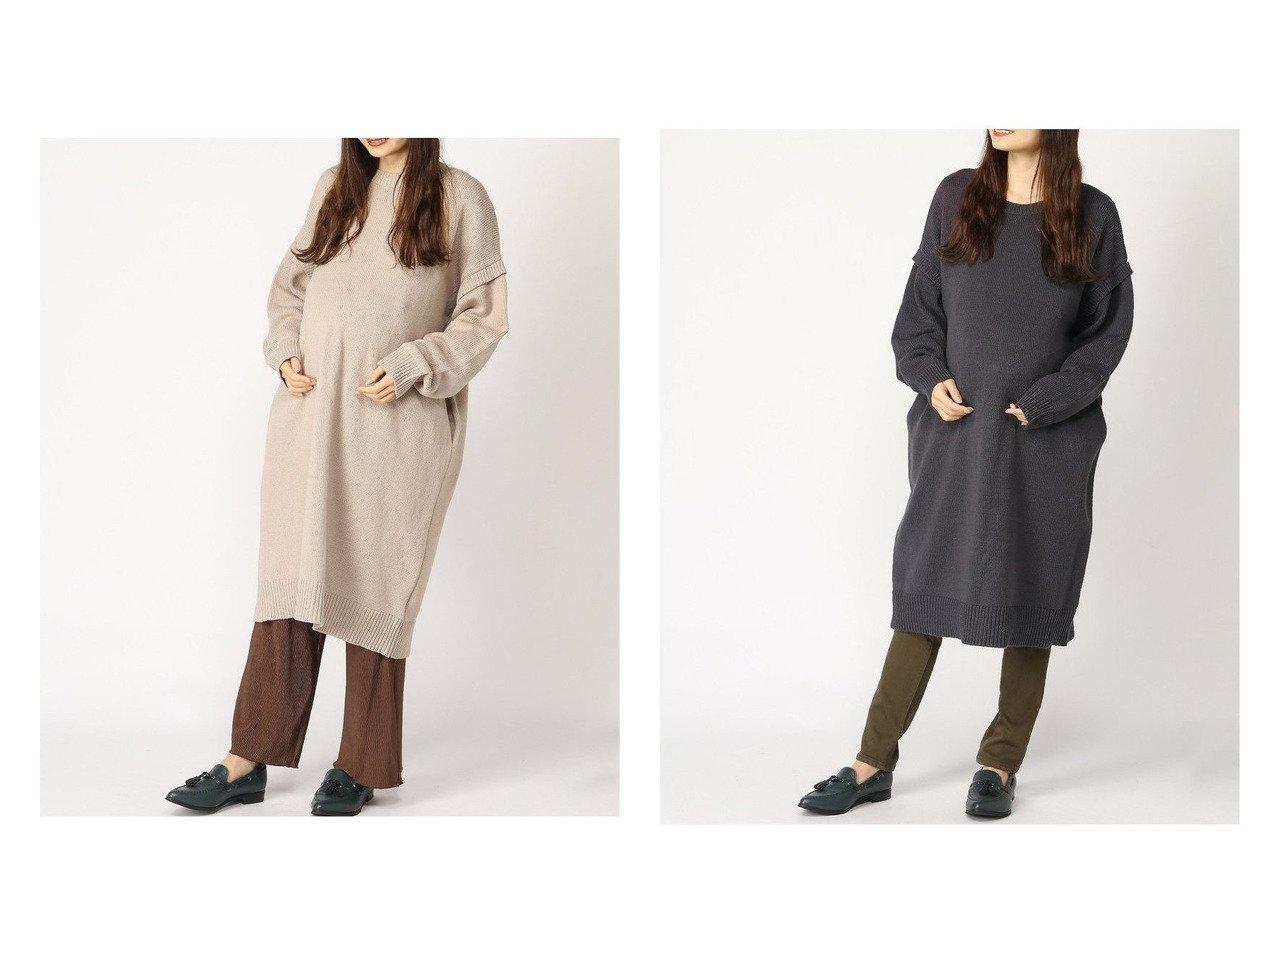 【LEPSIM LOWRYS FARM/レプシィム ローリーズファーム】のMT2WAYカーデOP ワンピース・ドレスのおすすめ!人気、トレンド・レディースファッションの通販 おすすめで人気の流行・トレンド、ファッションの通販商品 メンズファッション・キッズファッション・インテリア・家具・レディースファッション・服の通販 founy(ファニー) https://founy.com/ ファッション Fashion レディースファッション WOMEN ワンピース Dress ニットワンピース Knit Dresses NEW・新作・新着・新入荷 New Arrivals カーディガン 洗える  ID:crp329100000015486